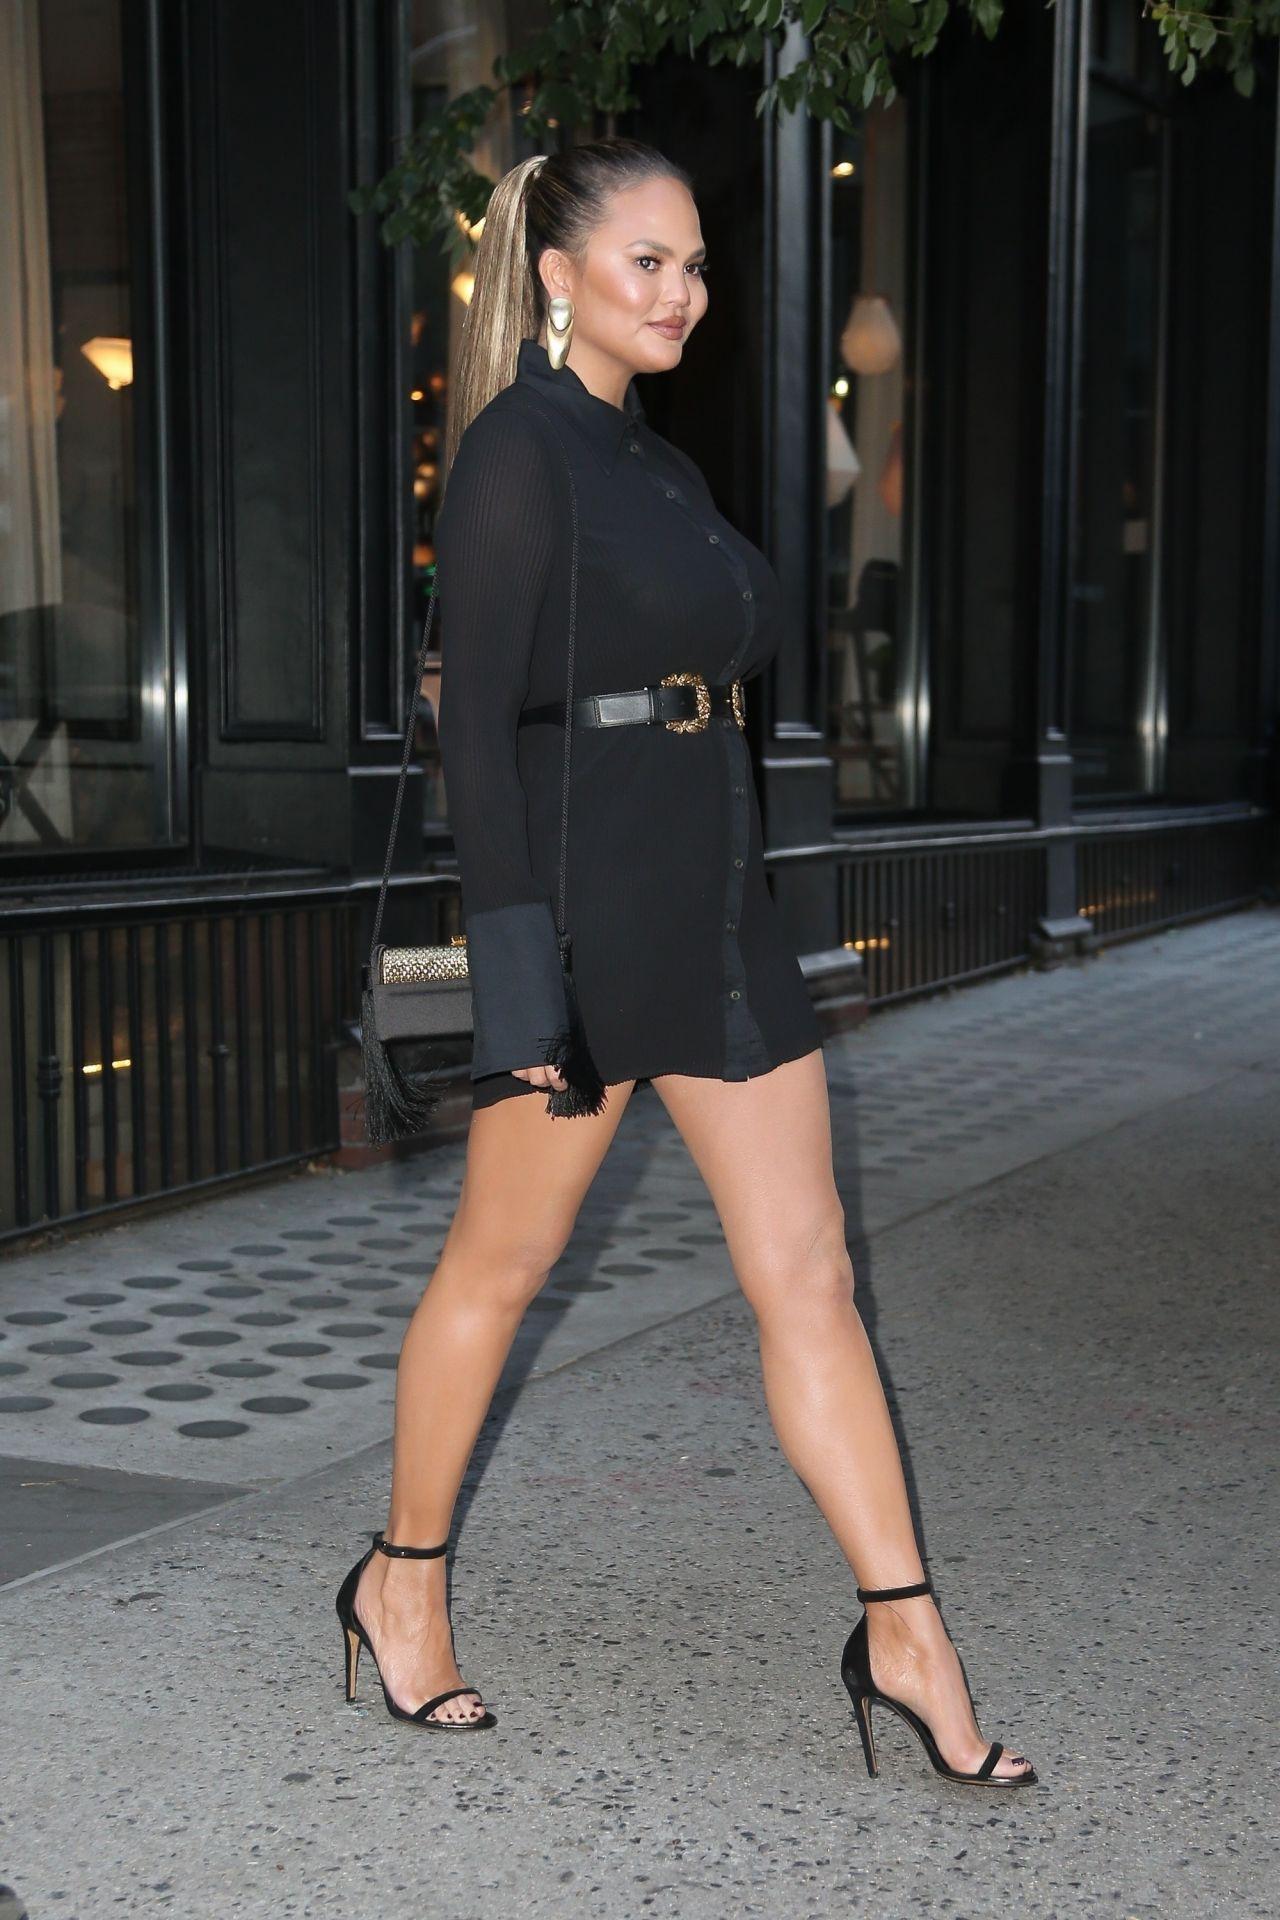 Chrissy Teigen In A Short Black Dress And Heels In New